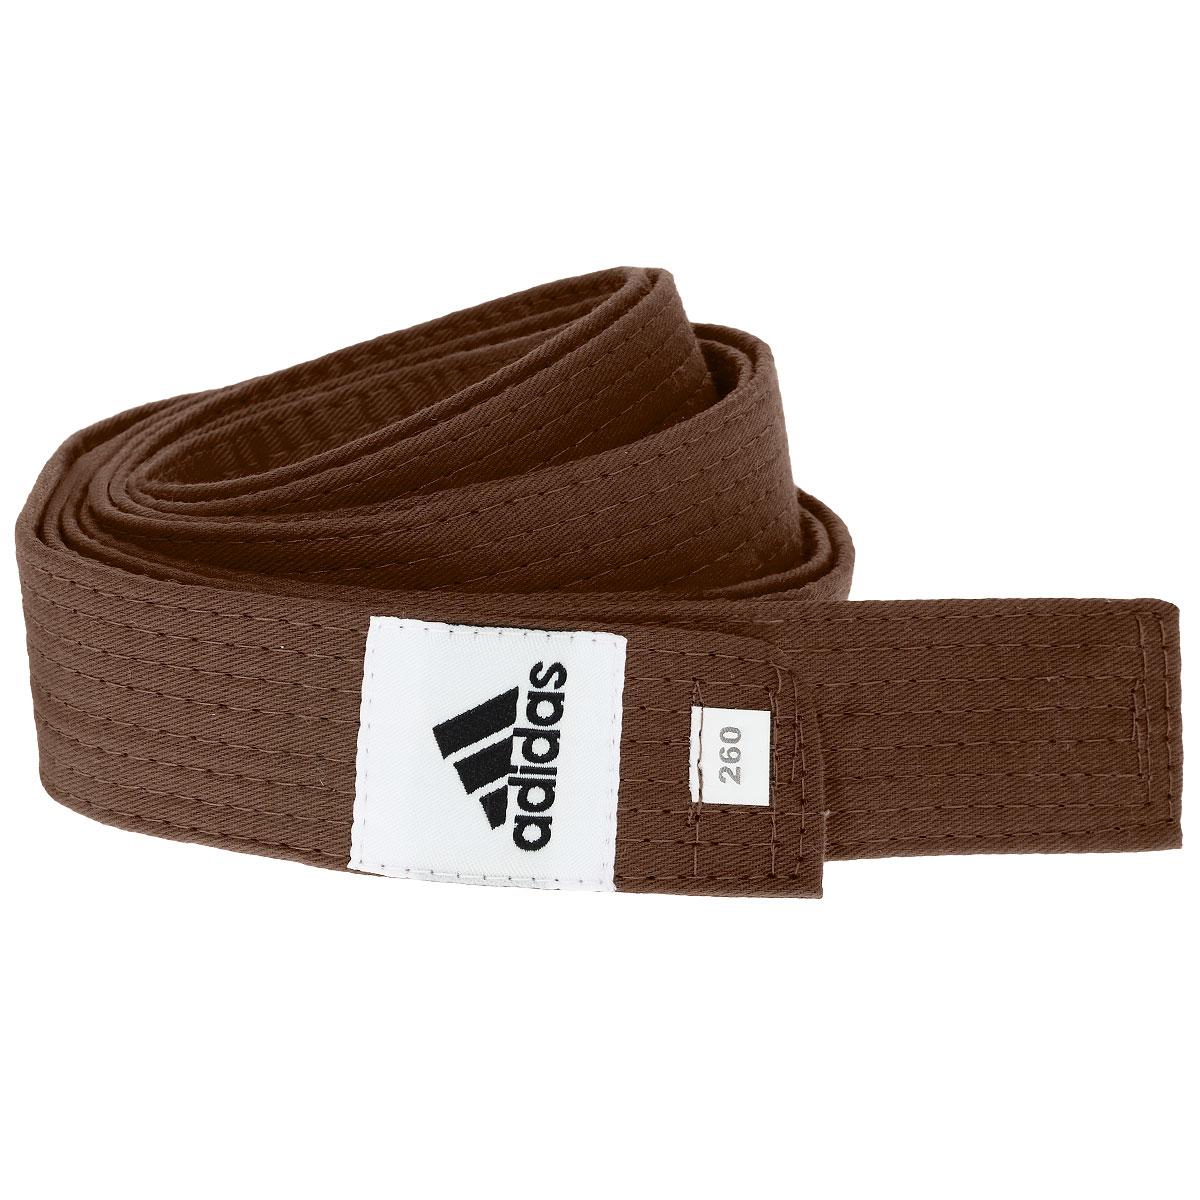 Пояс для единоборств adidas Club, цвет: коричневый. adiB220. Длина 280 смadiB220Пояс для единоборств adidas Club - универсальный пояс для кимоно. Пояс выполнен из плотного хлопкового материала с прострочкой.Такой пояс - необходимый аксессуар для тех, кто занимается боевыми искусствами.